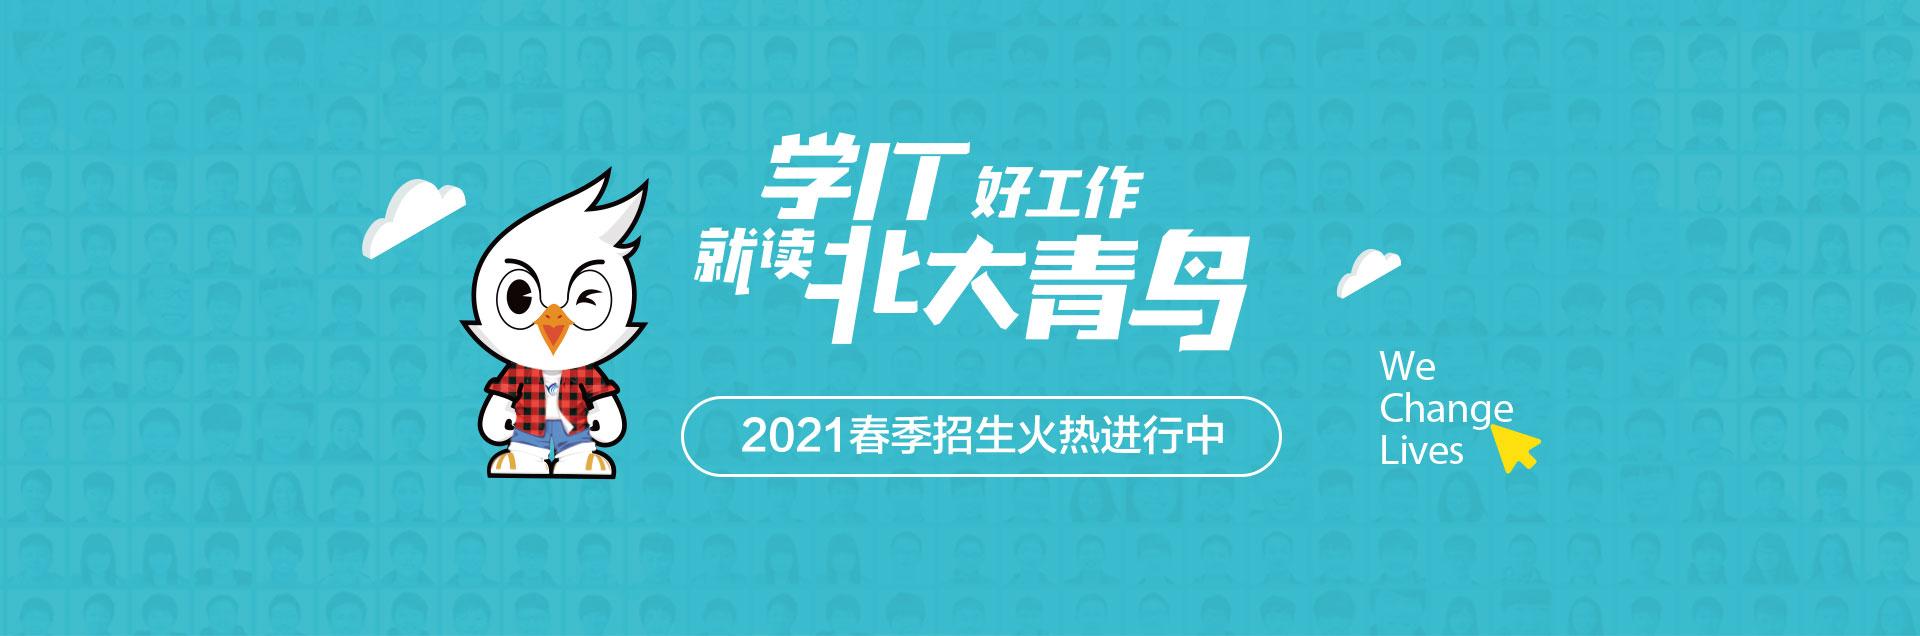 深圳北大亚博app 安卓手机下载品牌介绍